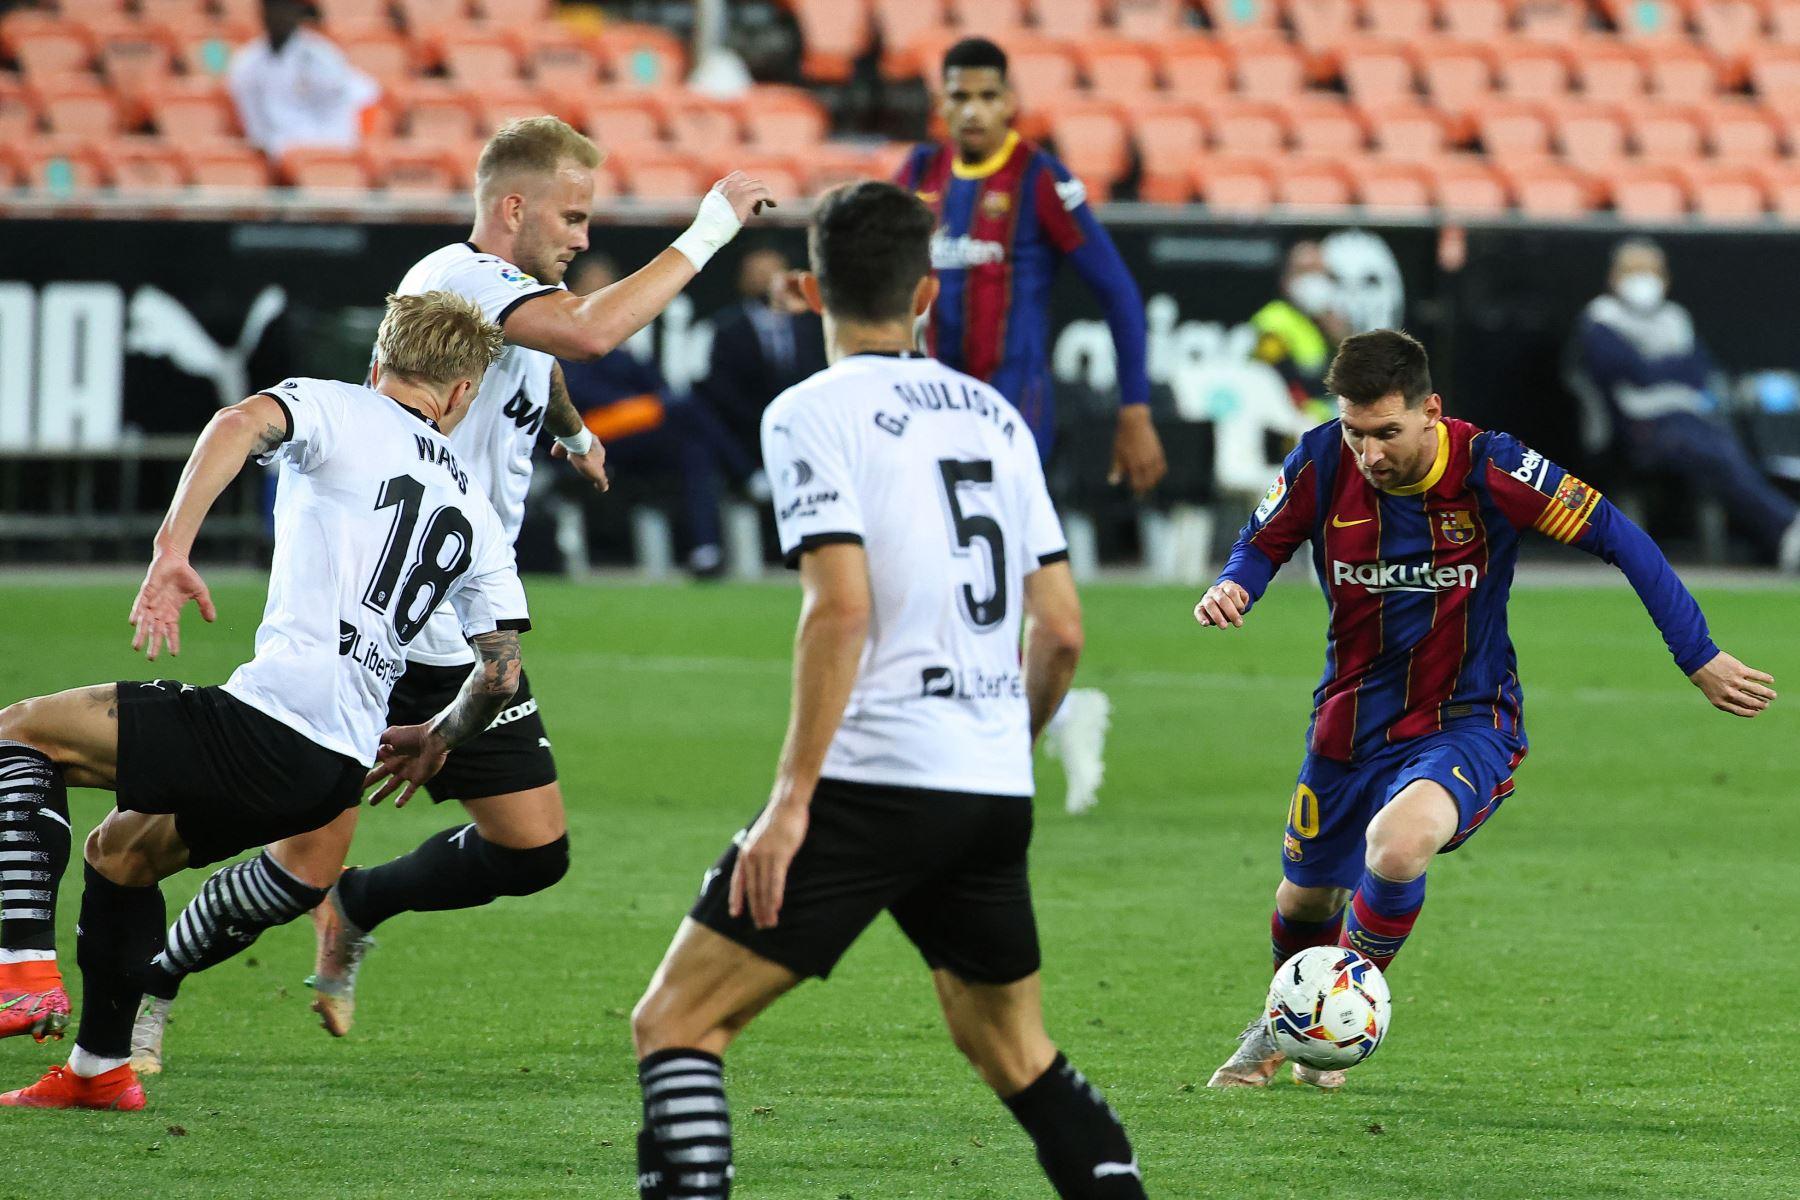 El delantero argentino del Barcelona Lionel Messi  patea el balón durante el partido de fútbol de la Liga española entre Valencia y Barcelona. Foto: AFP